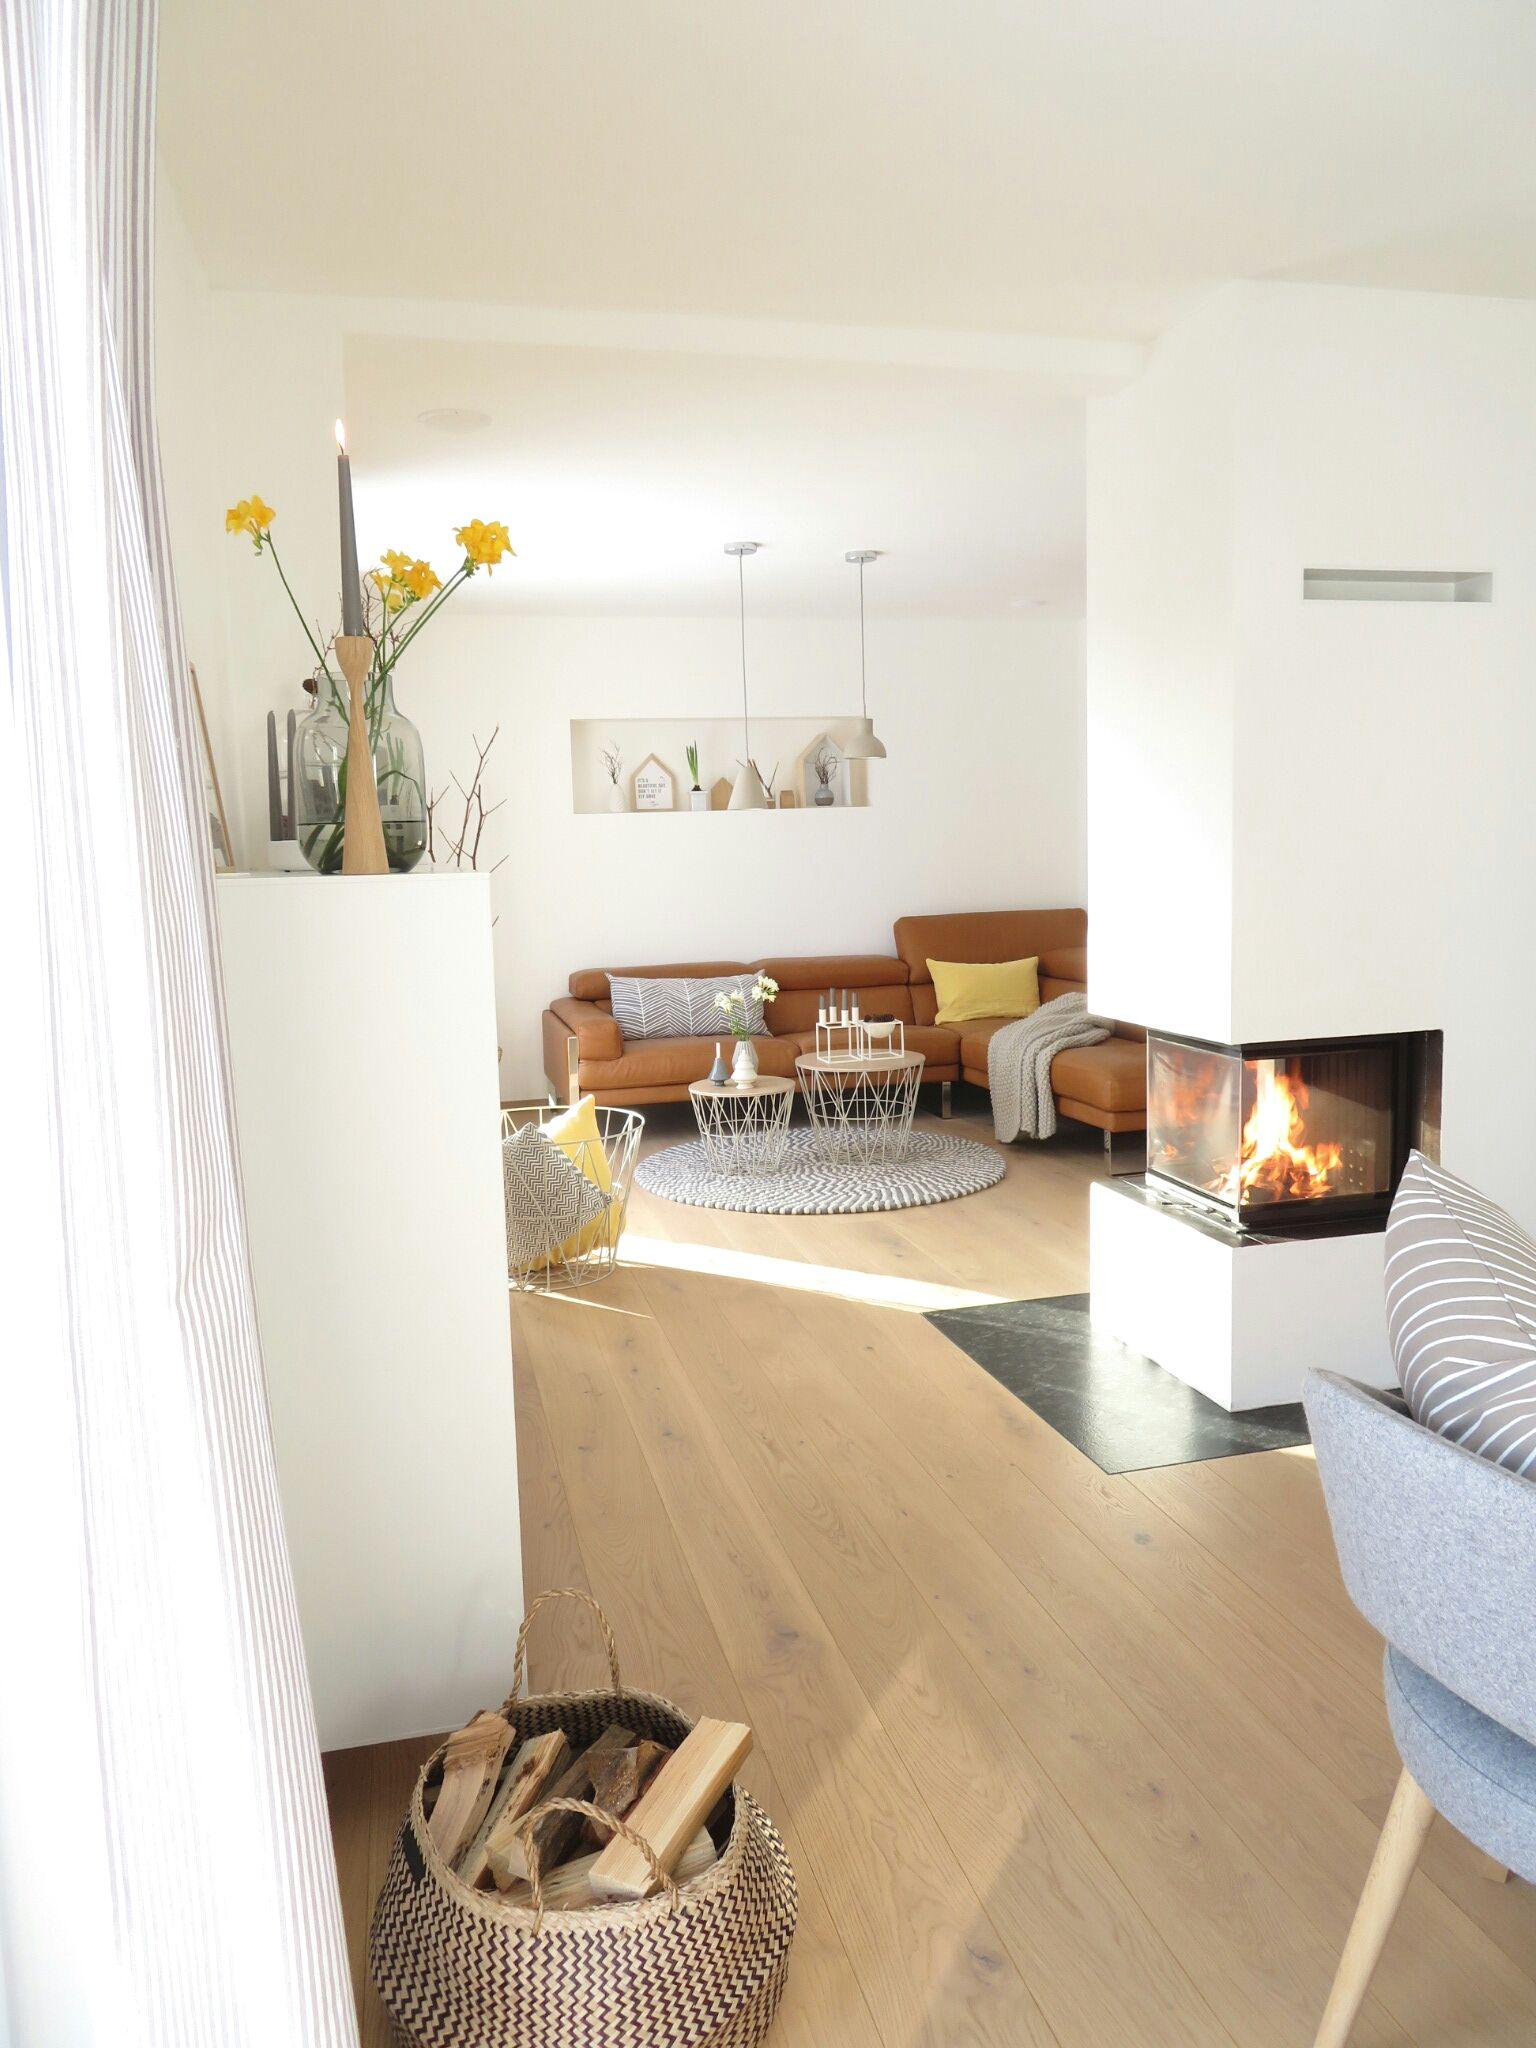 sonne feuer eis wohnen home interior pinterest wohnzimmer haus und einrichtung. Black Bedroom Furniture Sets. Home Design Ideas